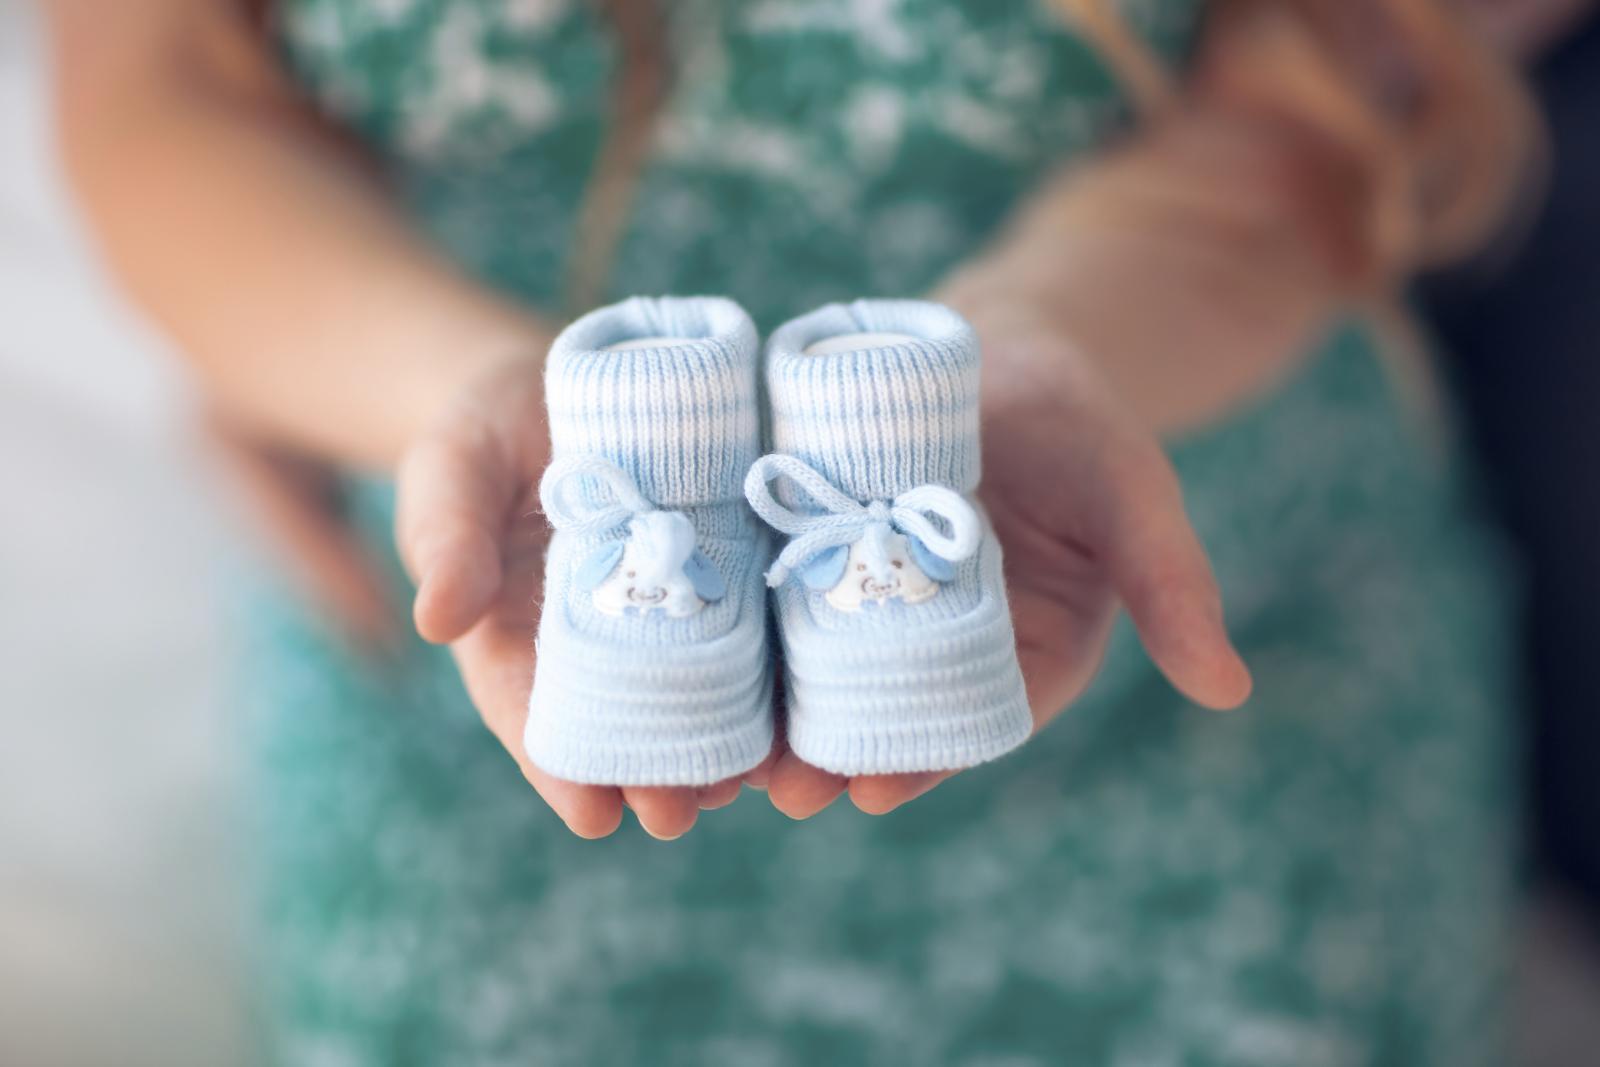 Razlog teže trudnoće kada žena nosi muško dijete znanstvenici ne znaju, ali pretpostavljaju da ključ leži u genima.